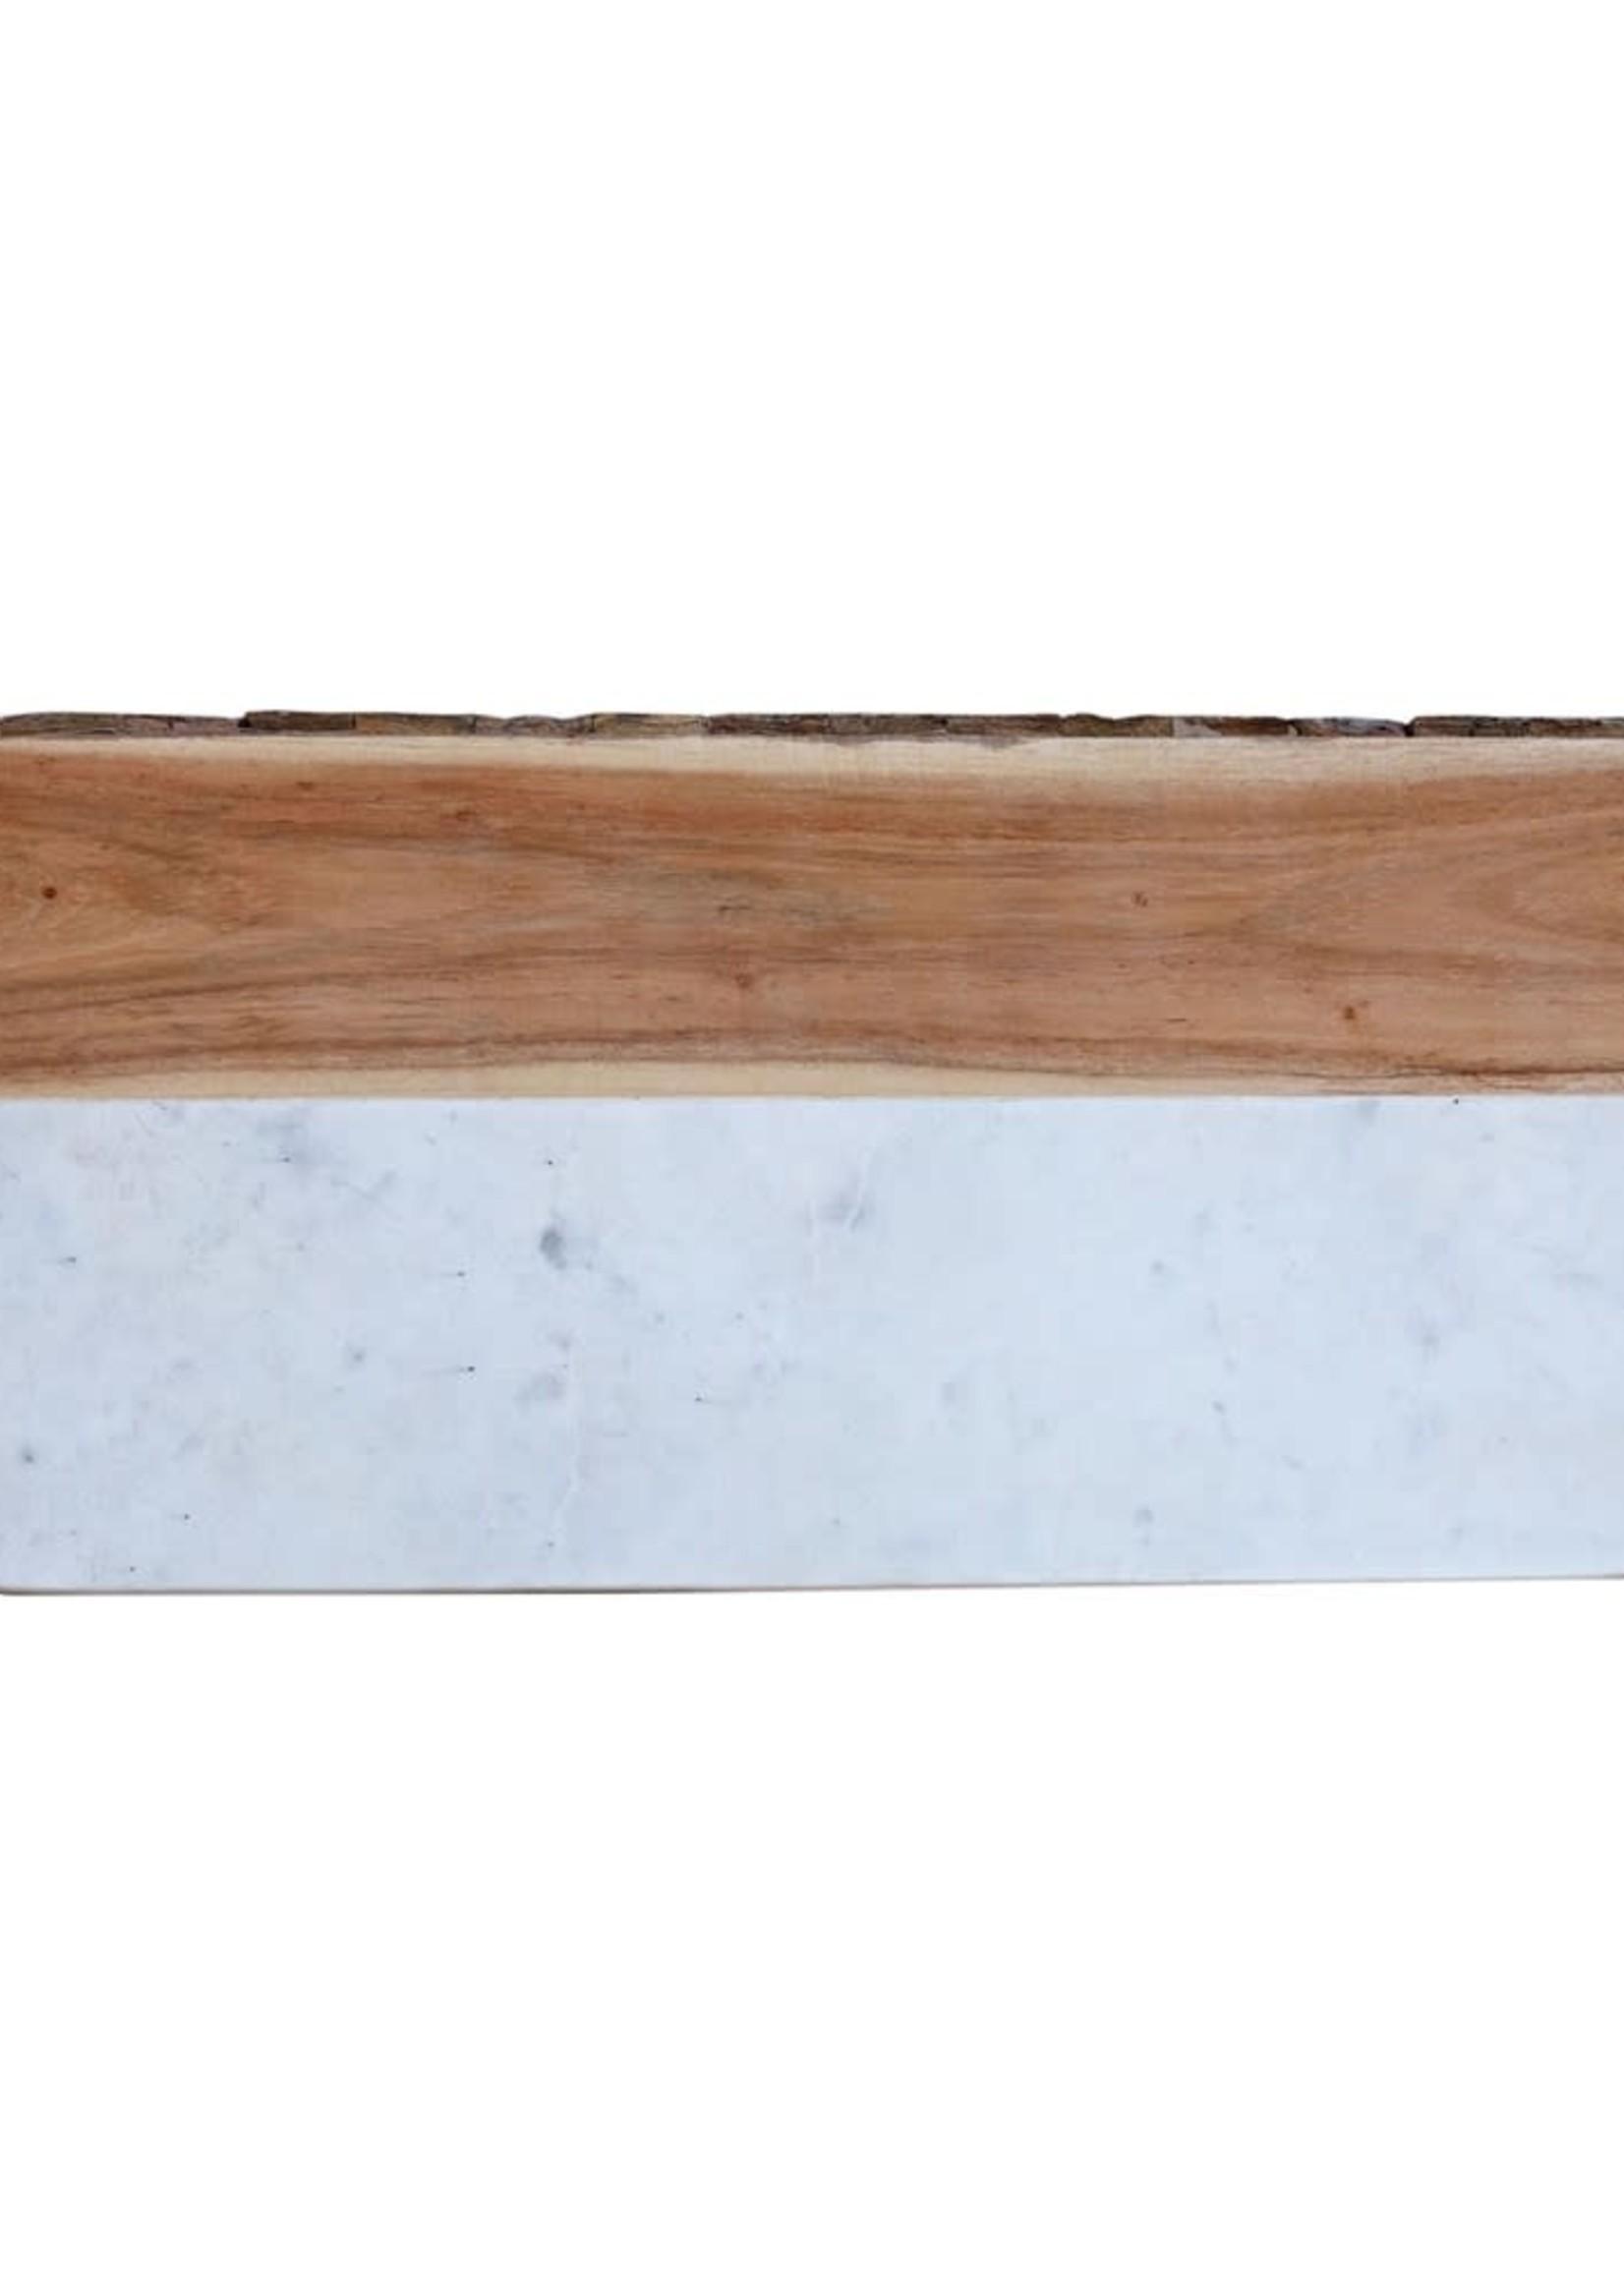 White Marble & Mango Wood Cheese Board w/ Bark Edge (Each One Will Vary)